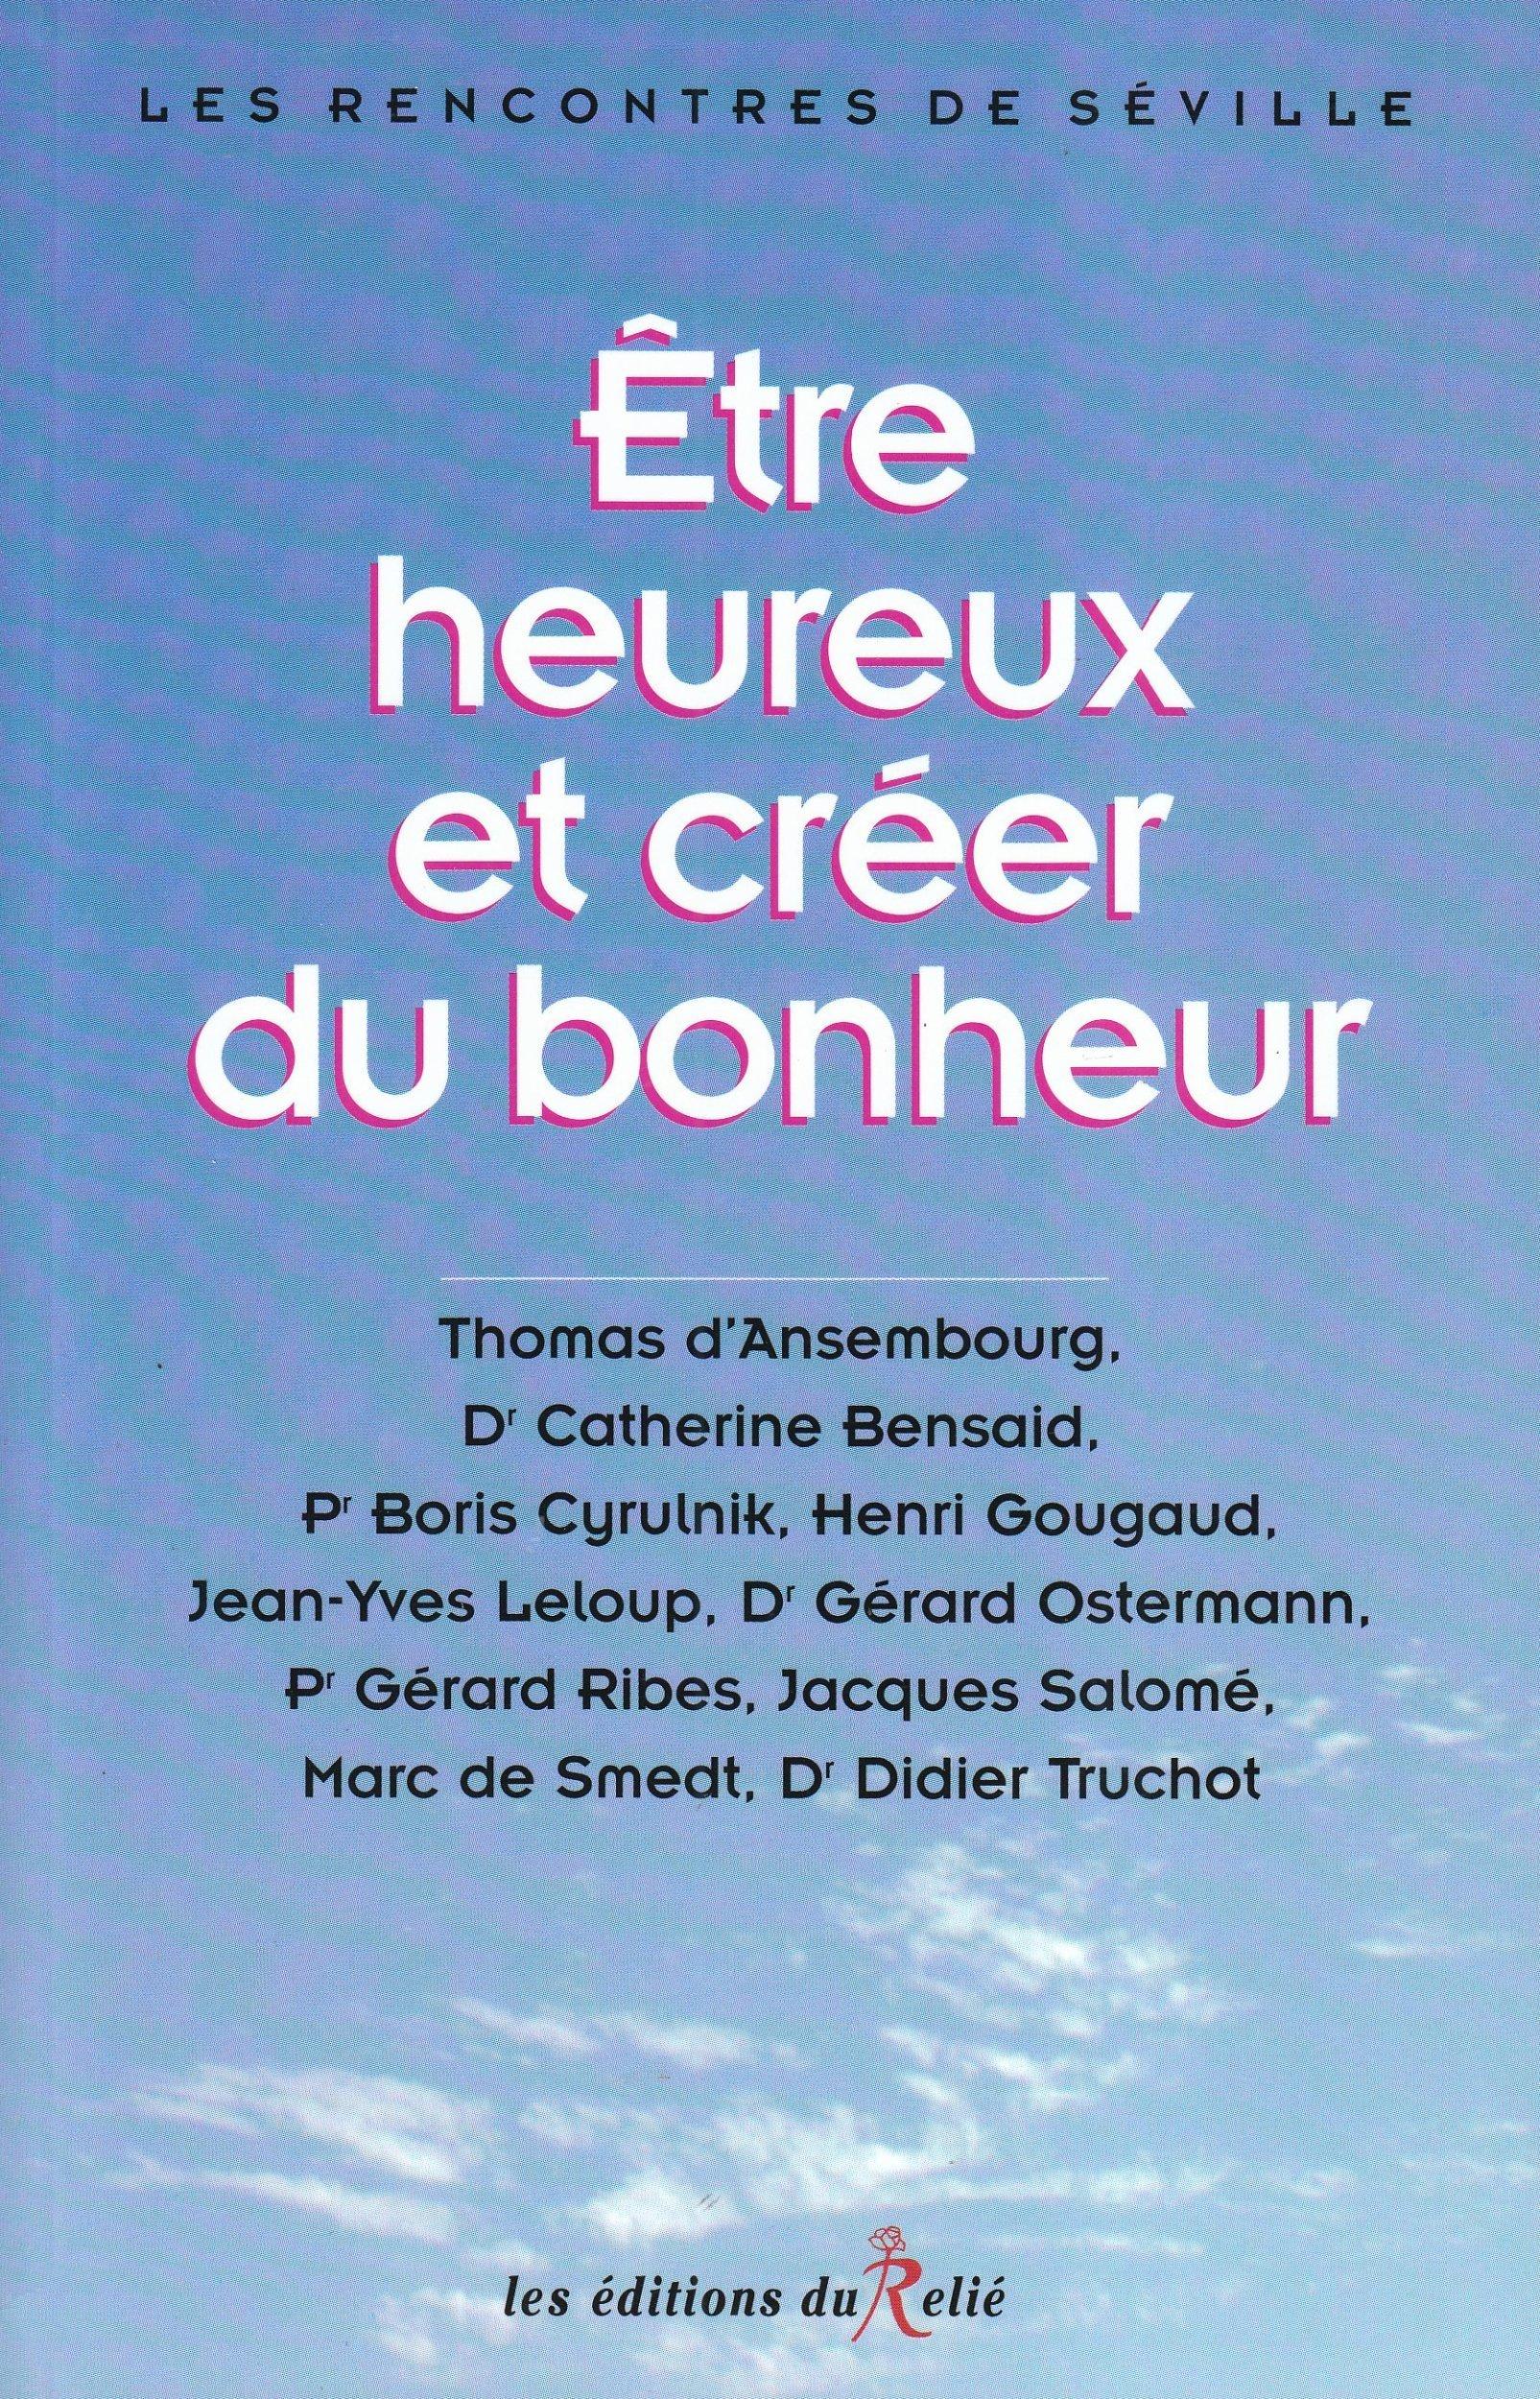 Etre heureux et créer du bonheur Broché – 23 mars 2009 Thomas d' Ansembourg Gérard Ostermann Boris Cyrulnik Jacques Salomé